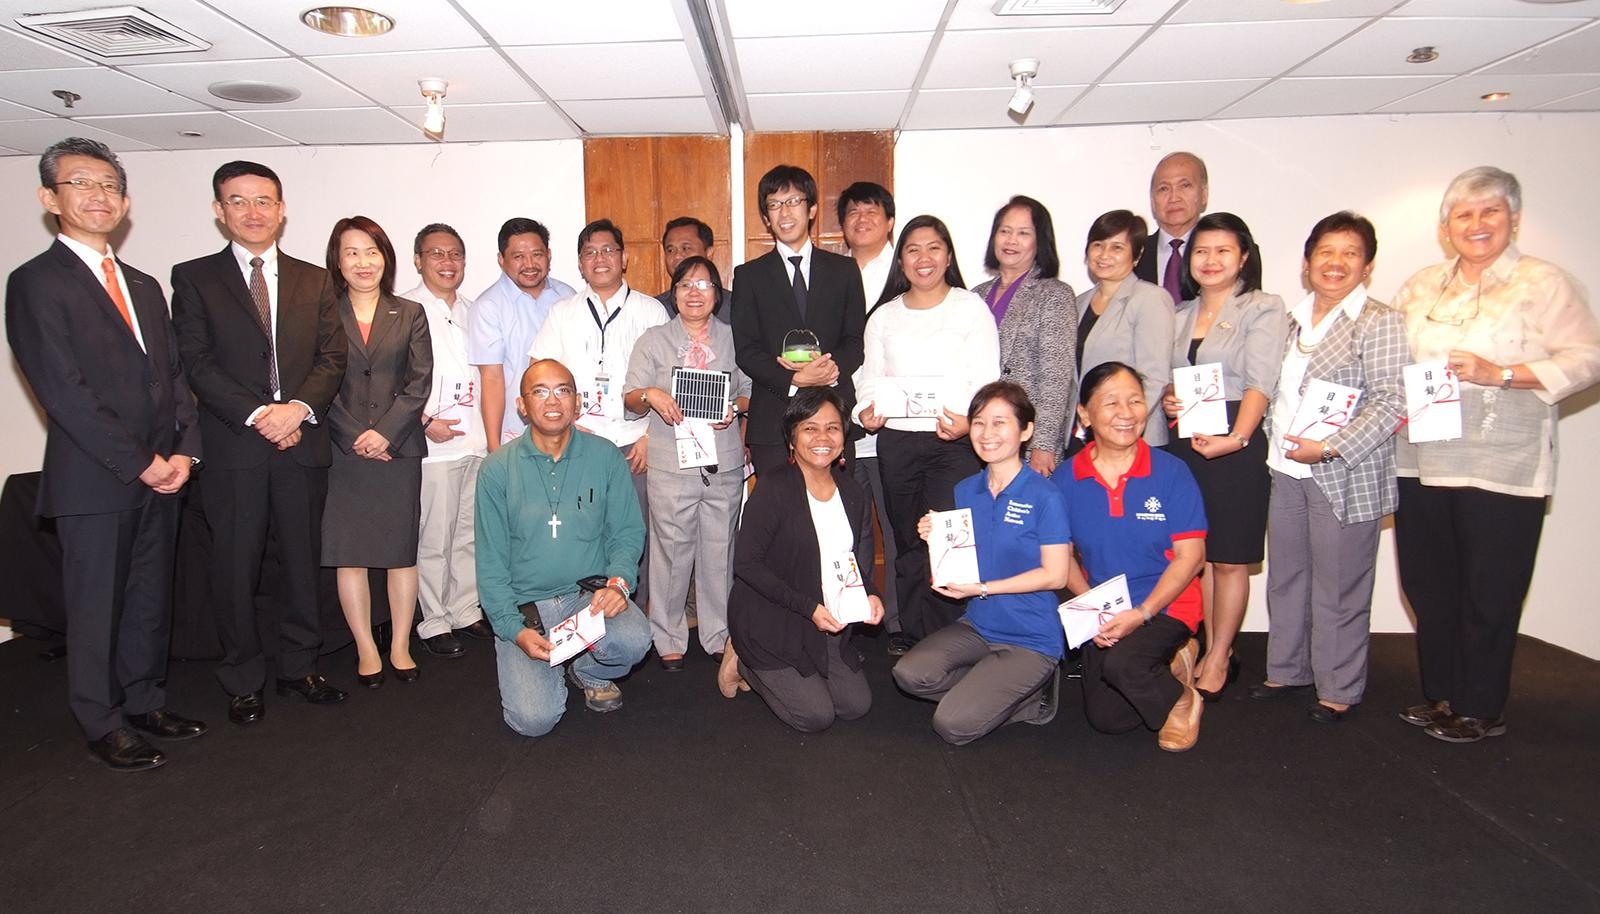 フィリピン マニラにおけるソーラーランタン寄贈式の模様(1)